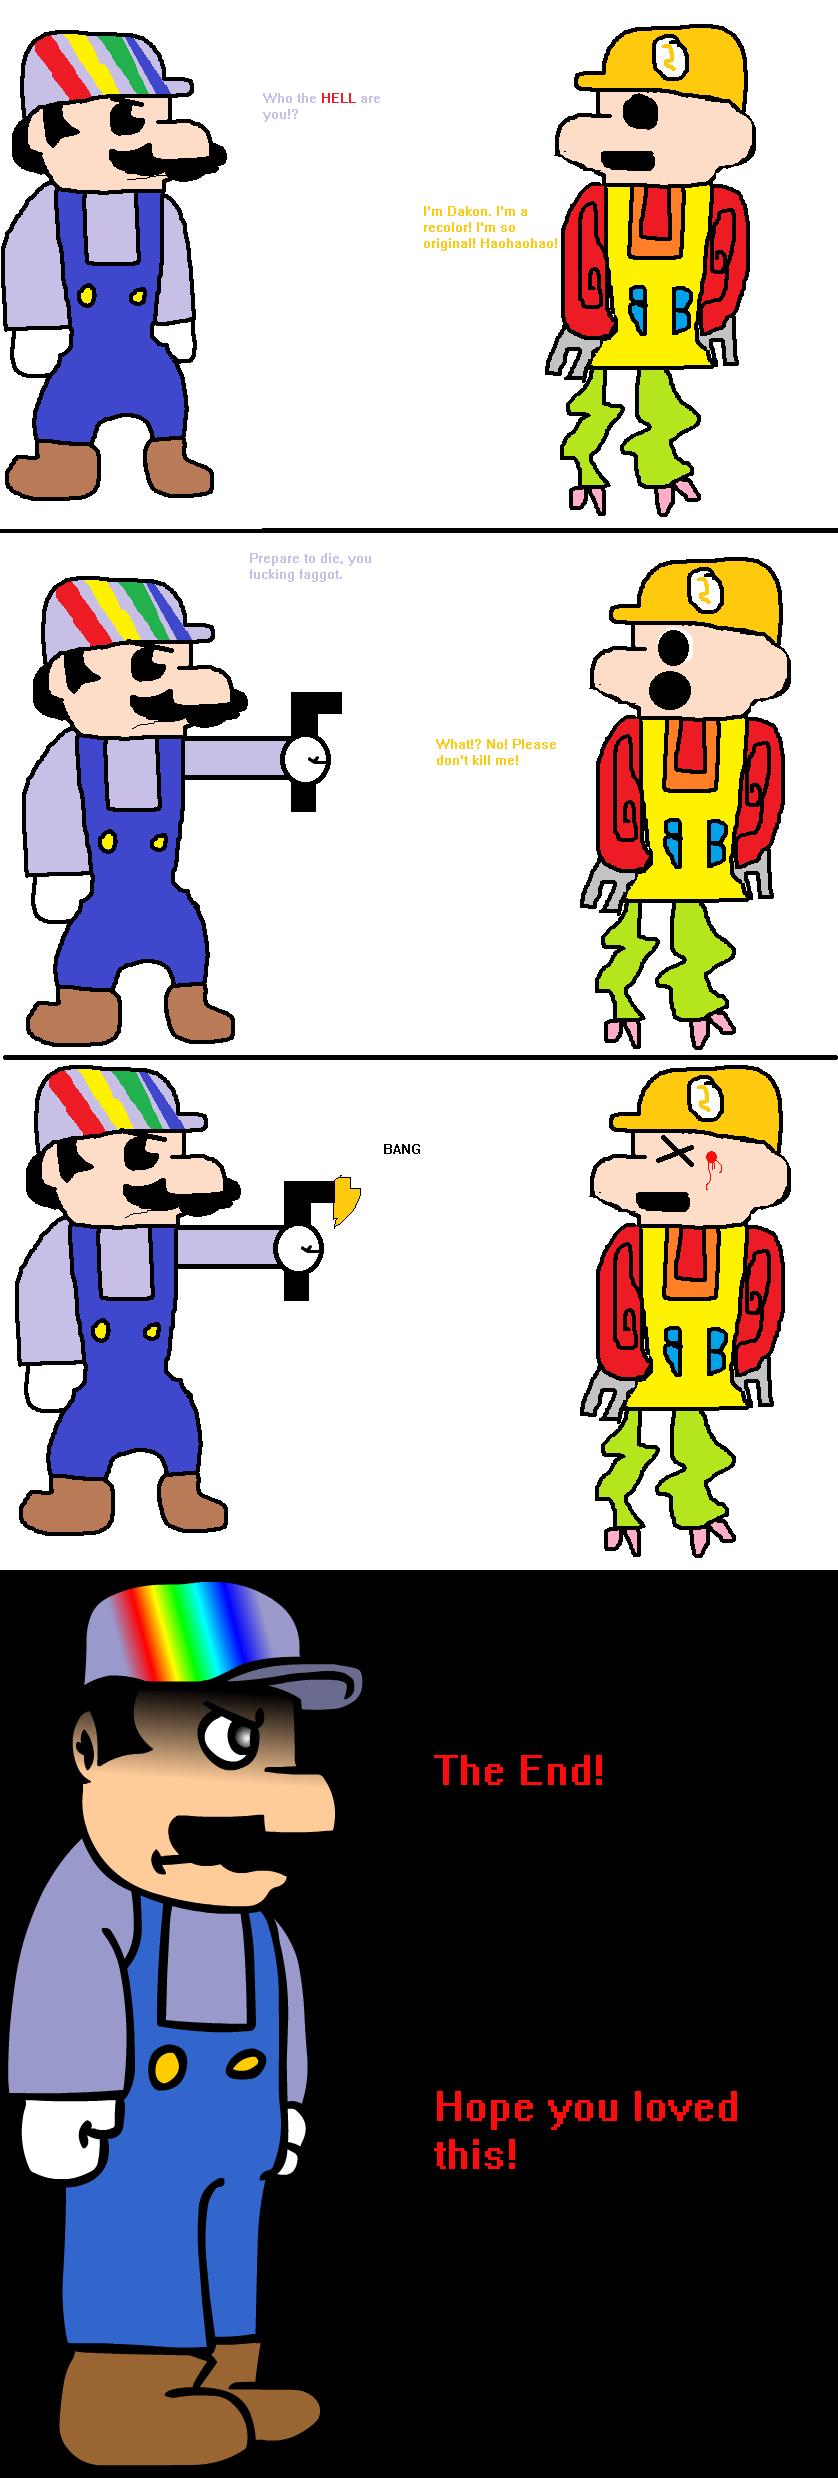 Larnofin comic